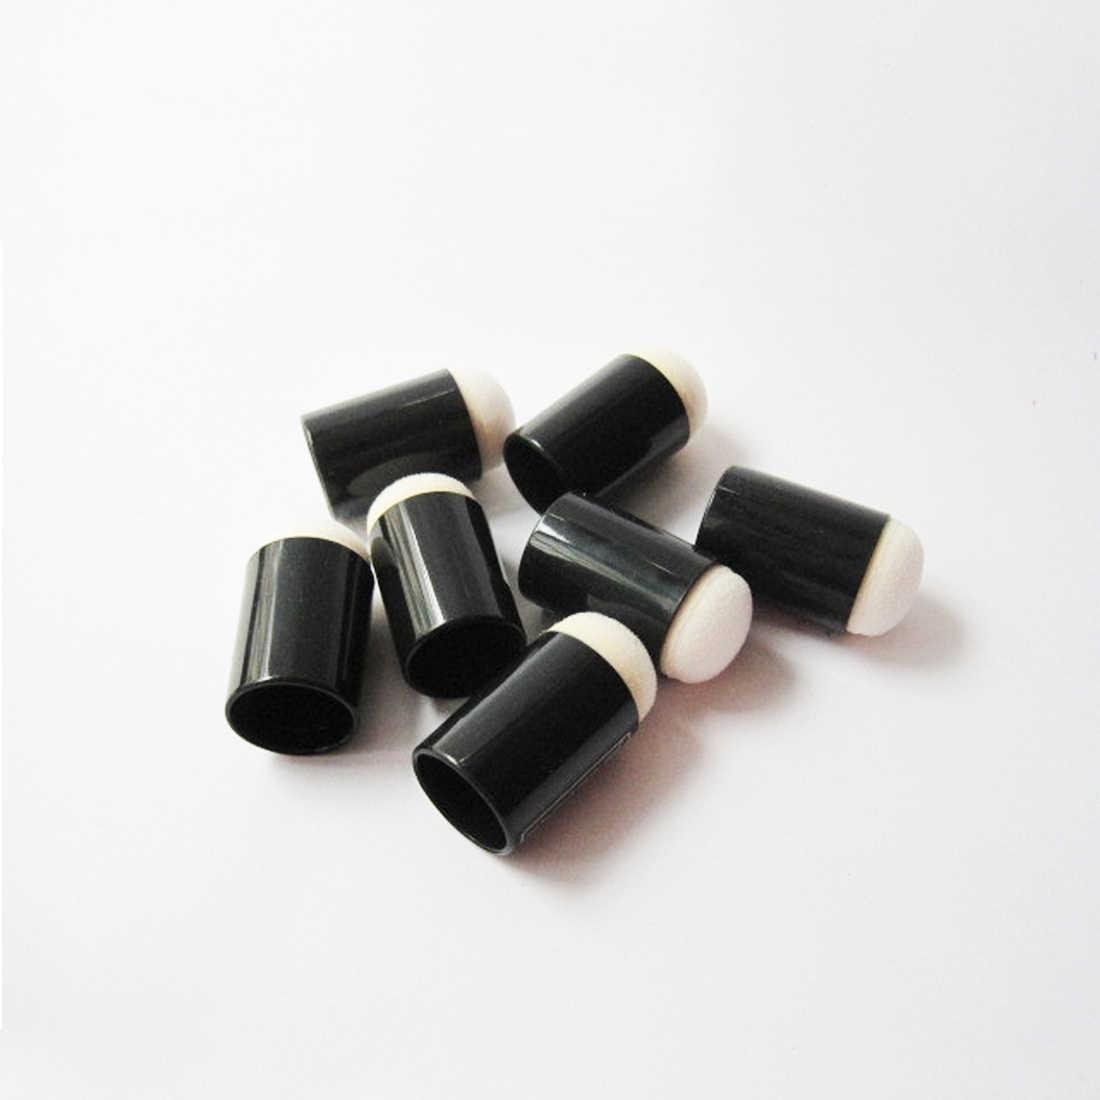 40 Uds./20 piezas/10 Uds. Esponja para dedos de espuma para pintar con los dedos juego de arte para pintar con los dedos esponja espuma para dedos tinta tiza